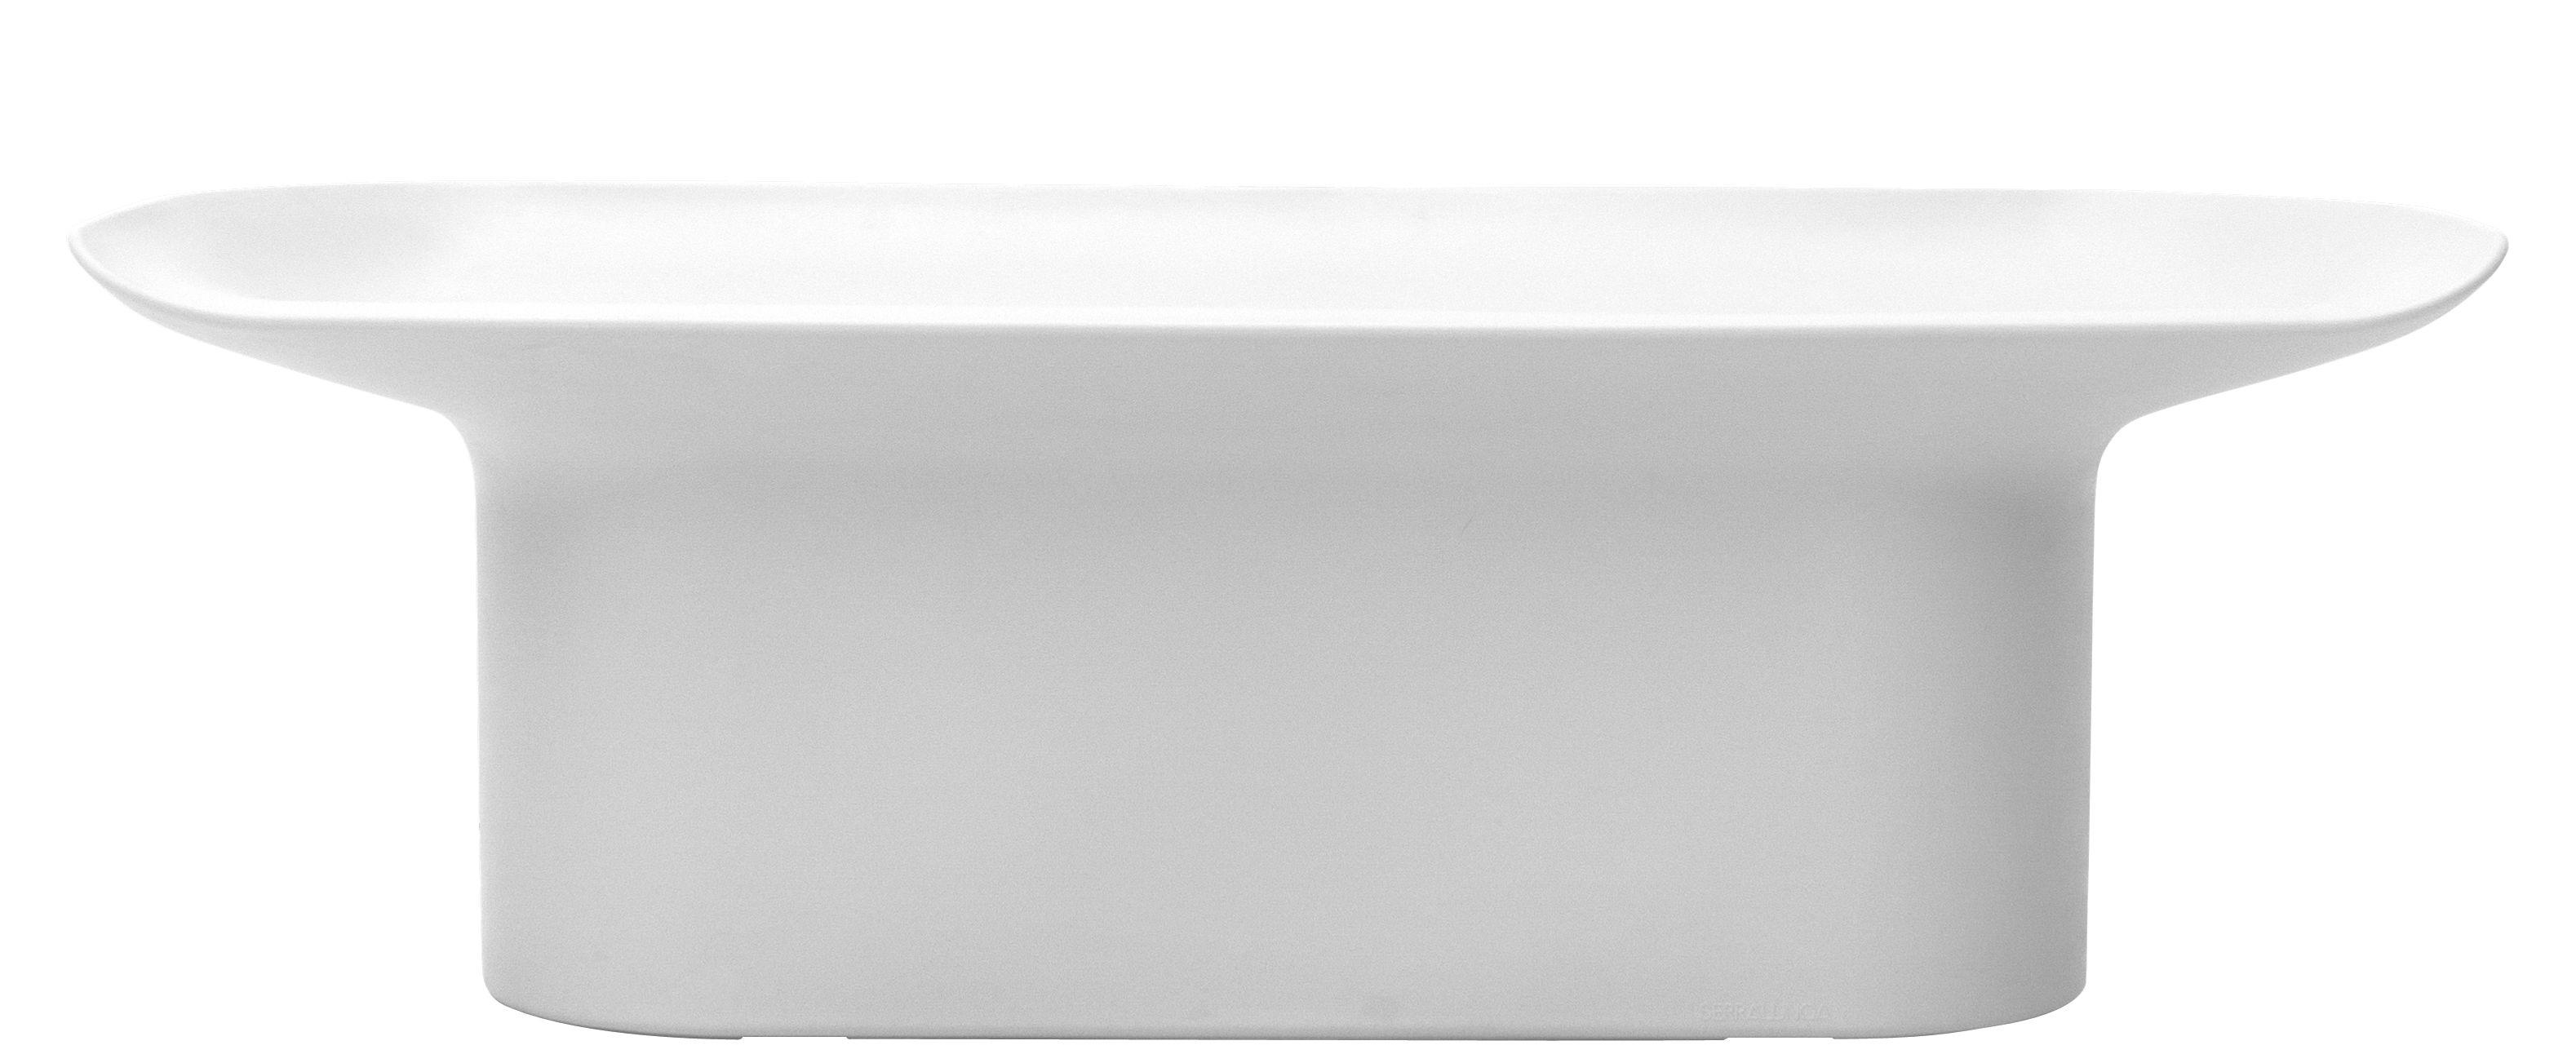 Mobilier - Bancs - Banc Luba / L 141 cm  - Plastique - Serralunga - Blanc - Polyéthylène rotomoulé